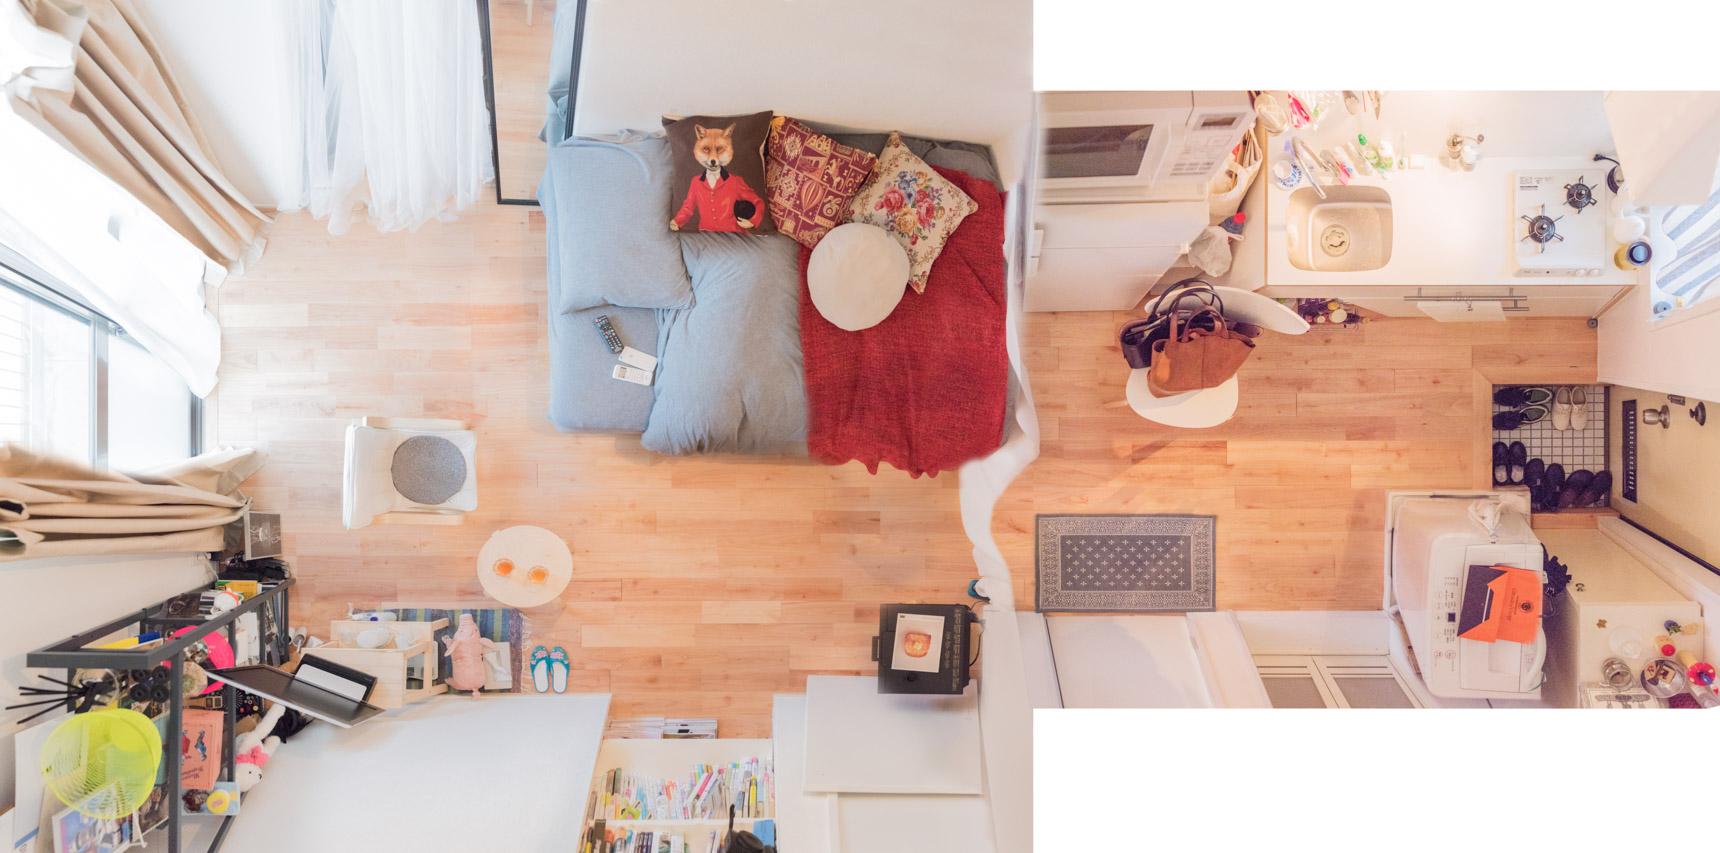 「ちゃんと作ろう」と思える広めのキッチンがポイントだったという楠田さんのお部屋。ベッドはキッチン側に寄せて、窓辺はくつろぎスペースに。